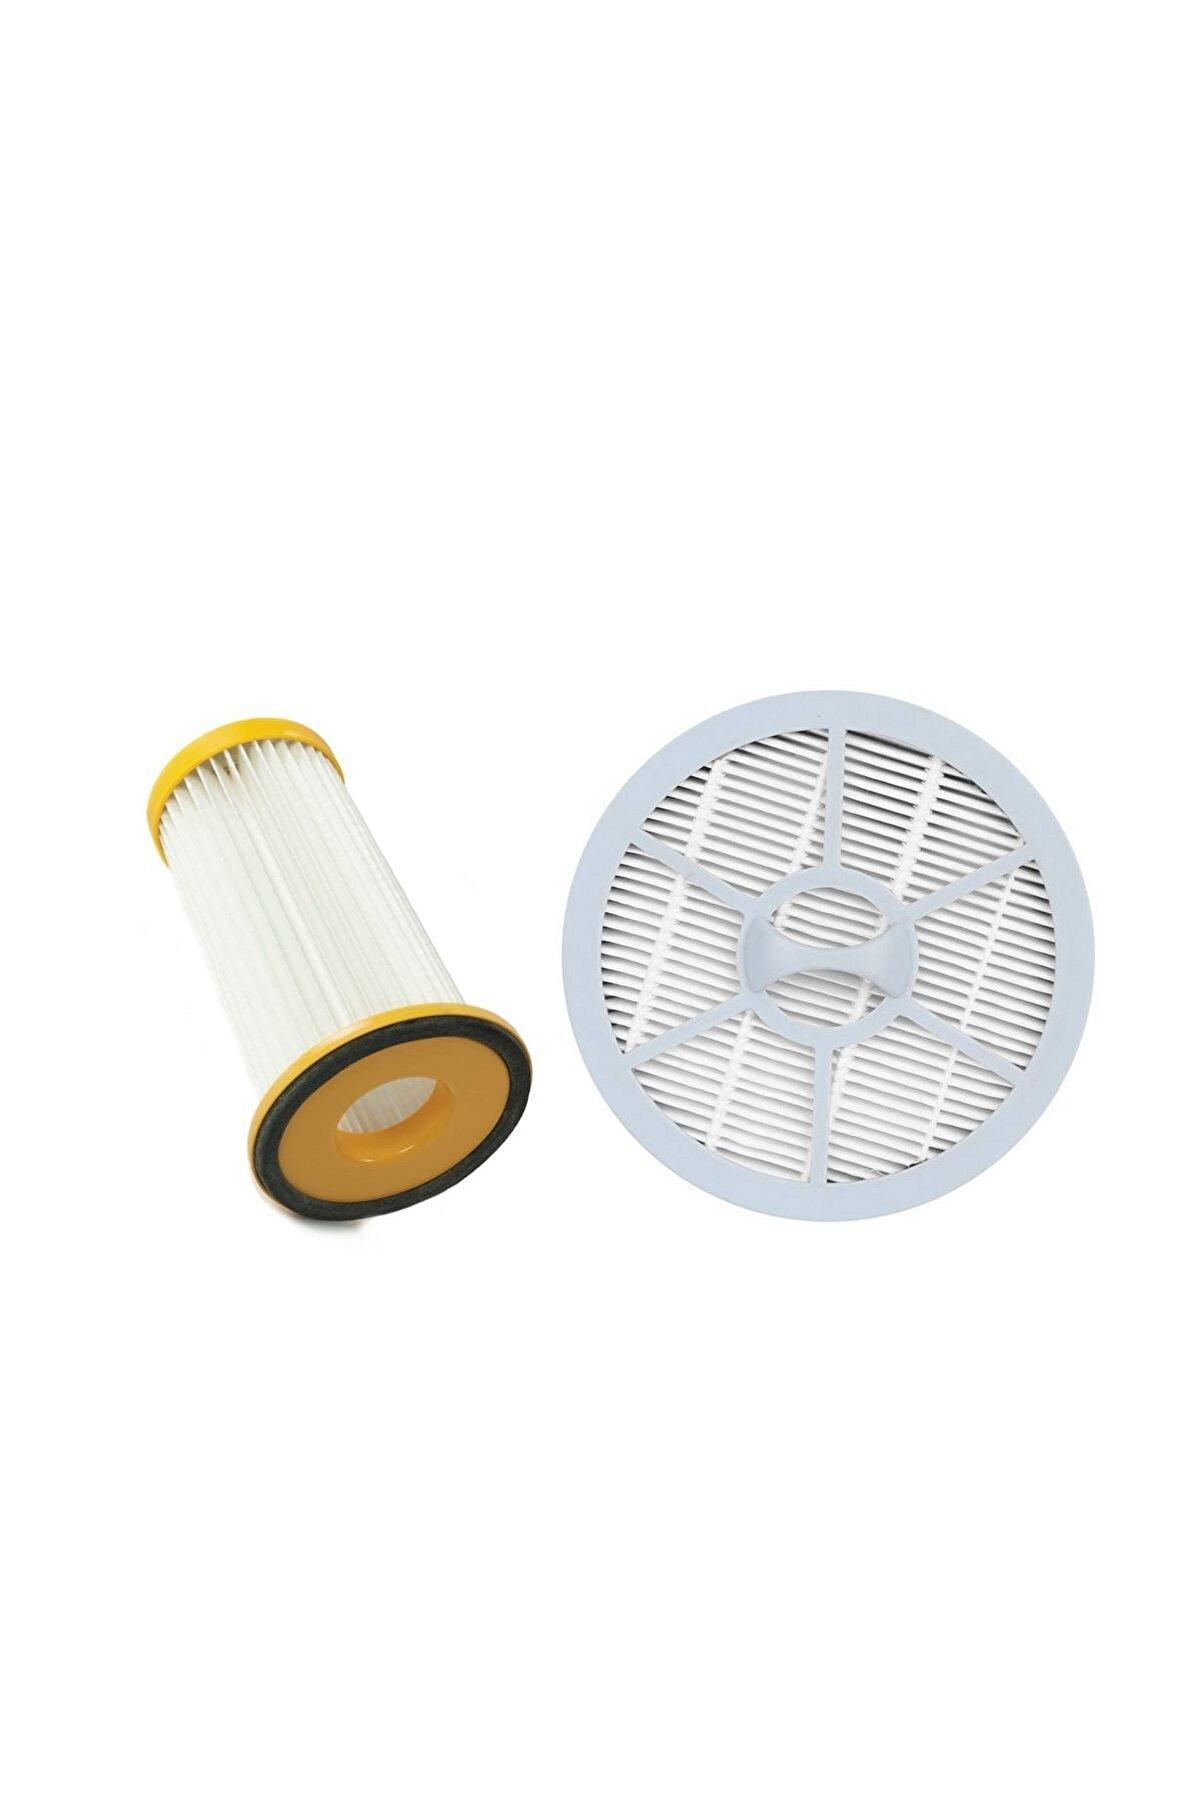 BLC Filtre Philips Uyumlu Hepa Filtre ve Silindir Filtre Seti